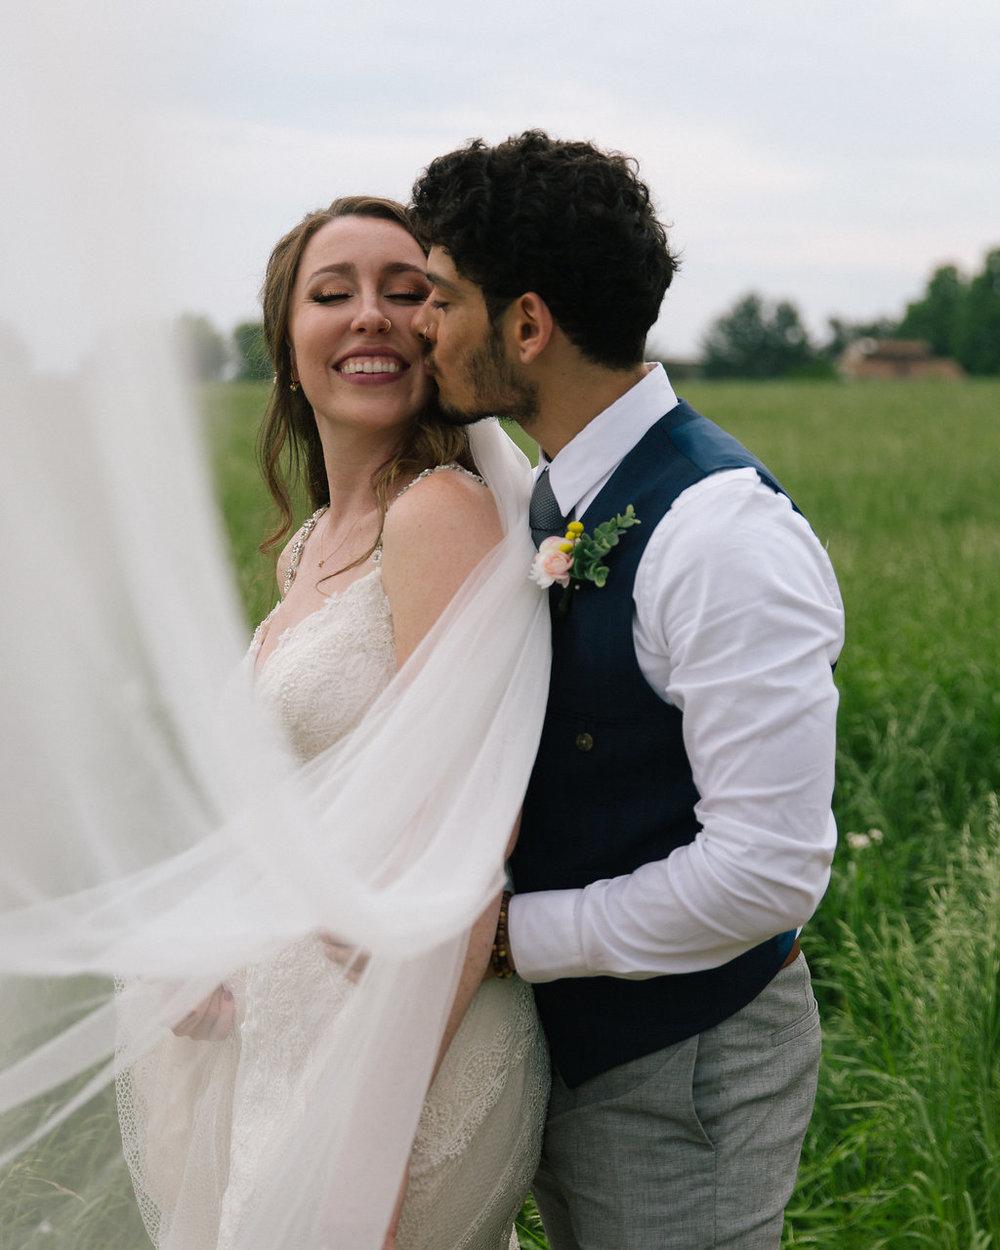 MD_WeddingPortraits_22.jpg